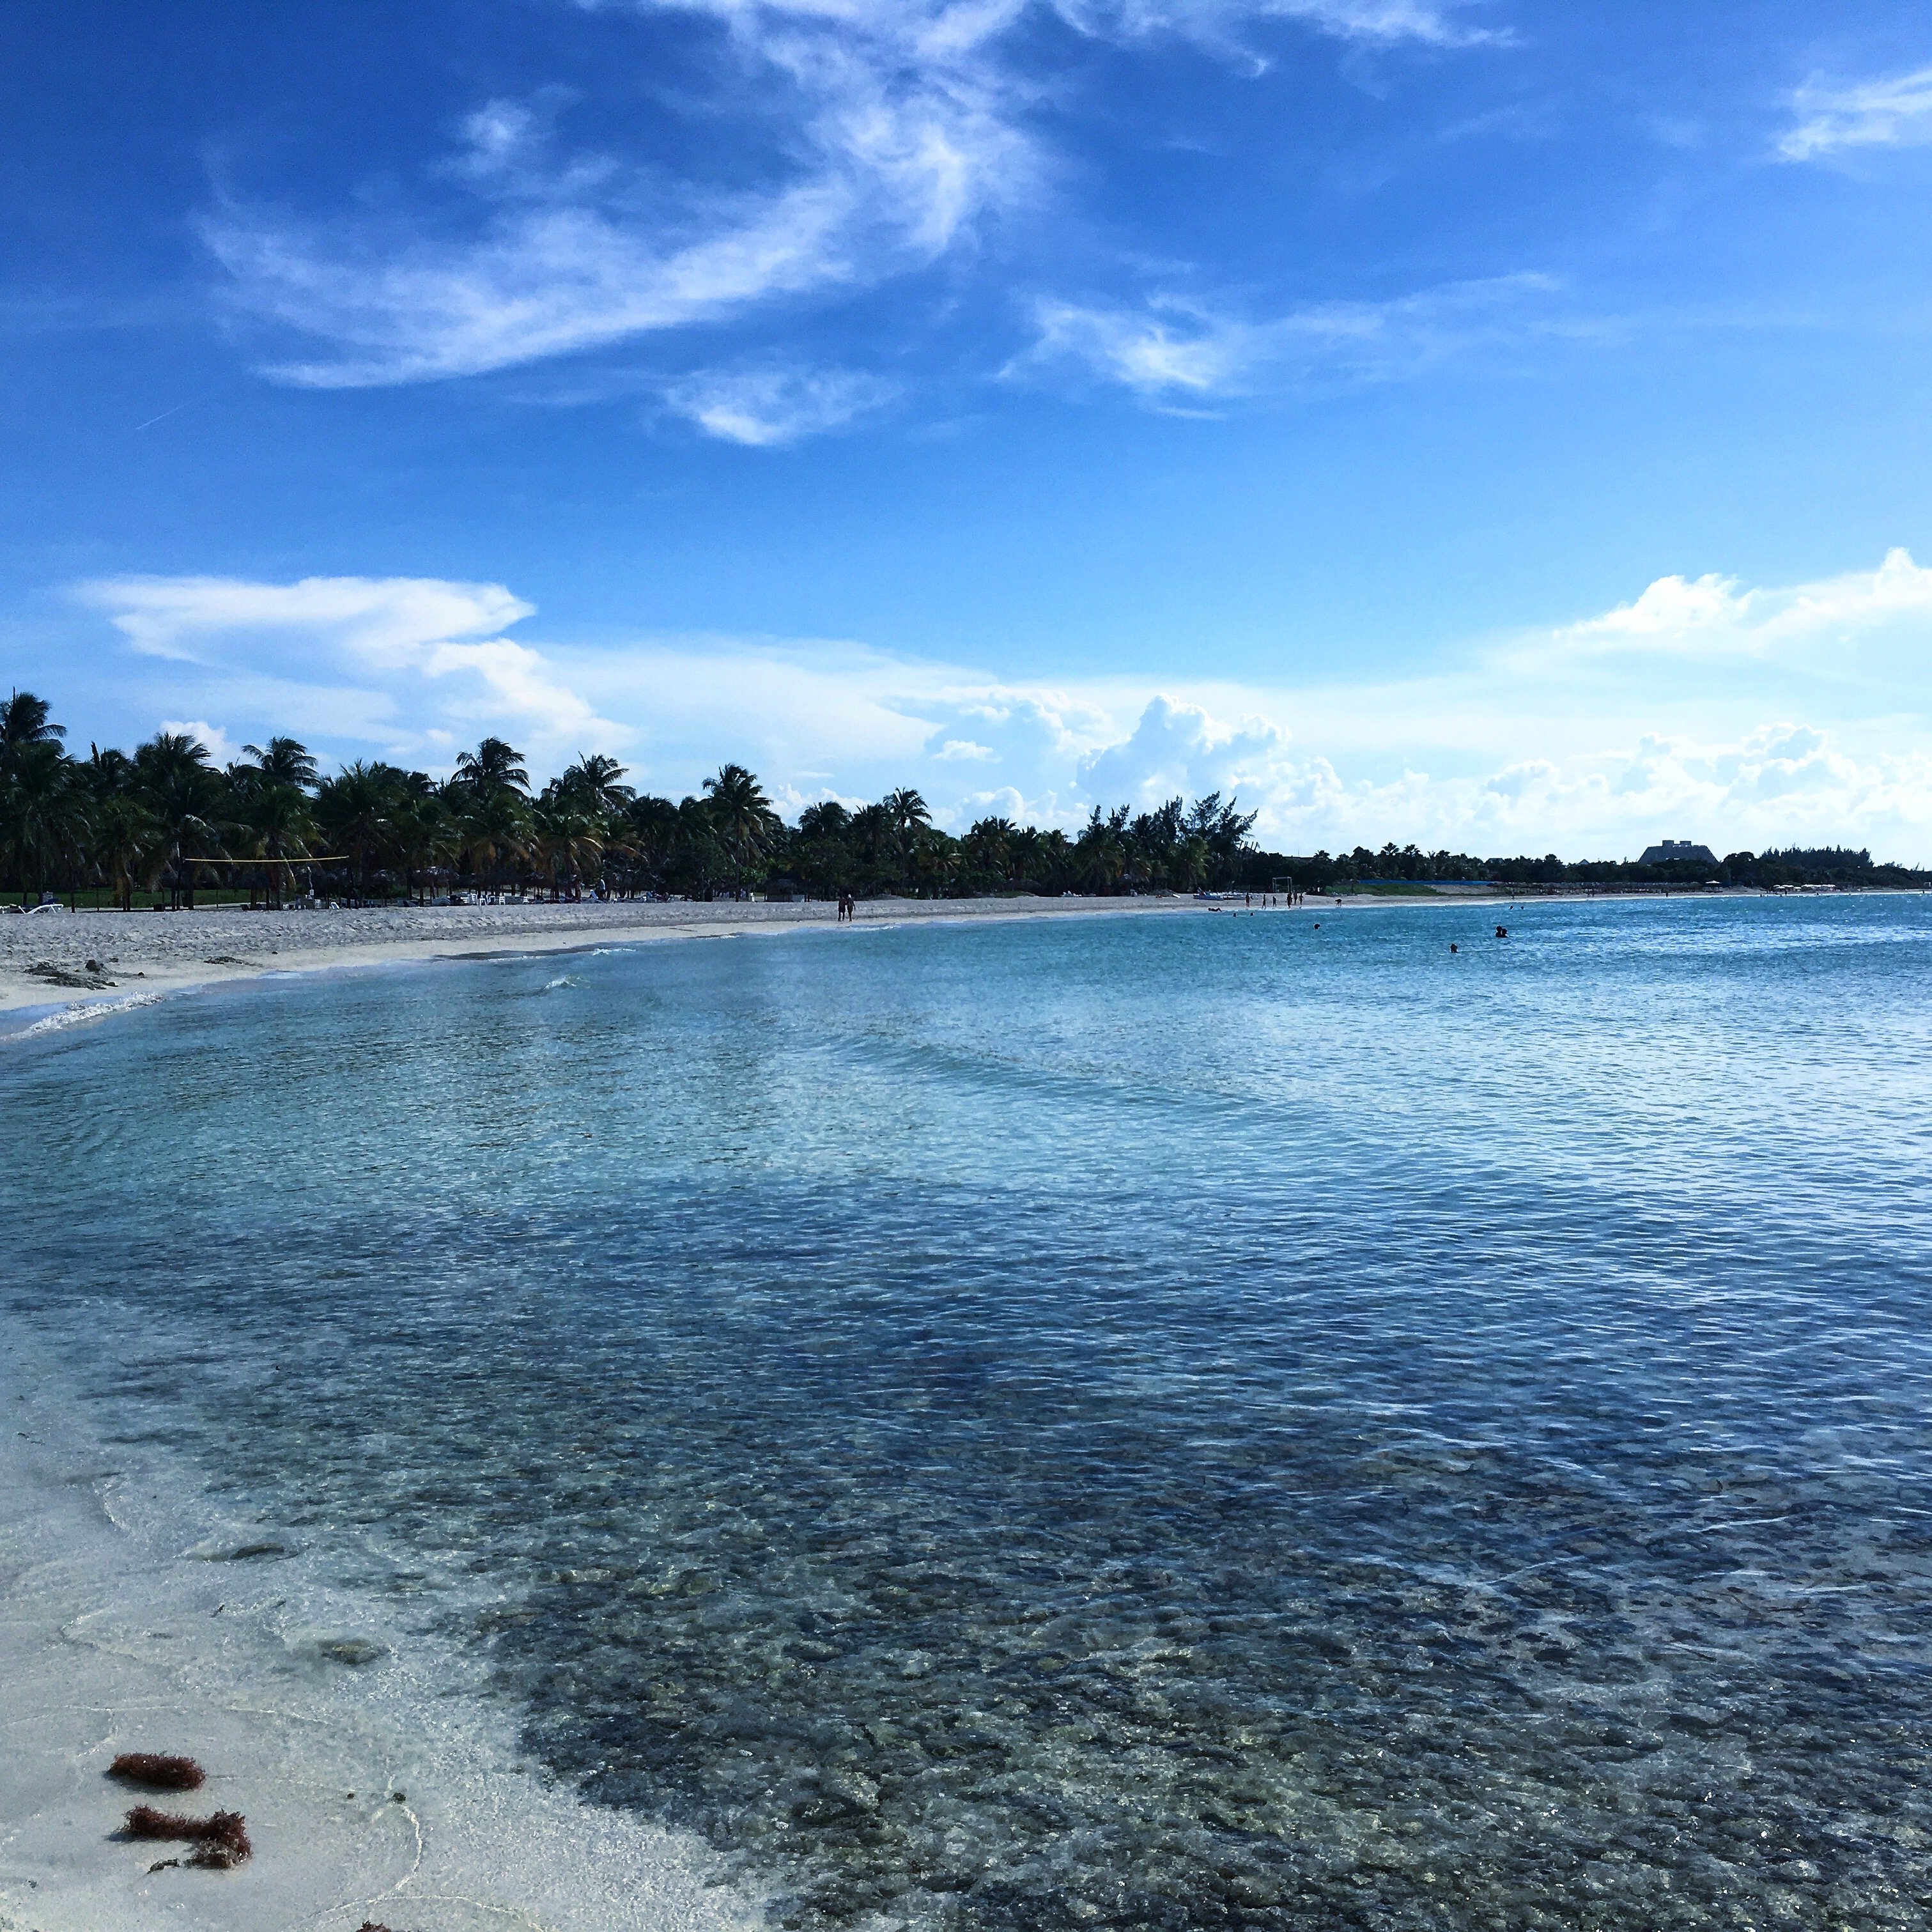 Playa tropical en Varadero, Cuba.